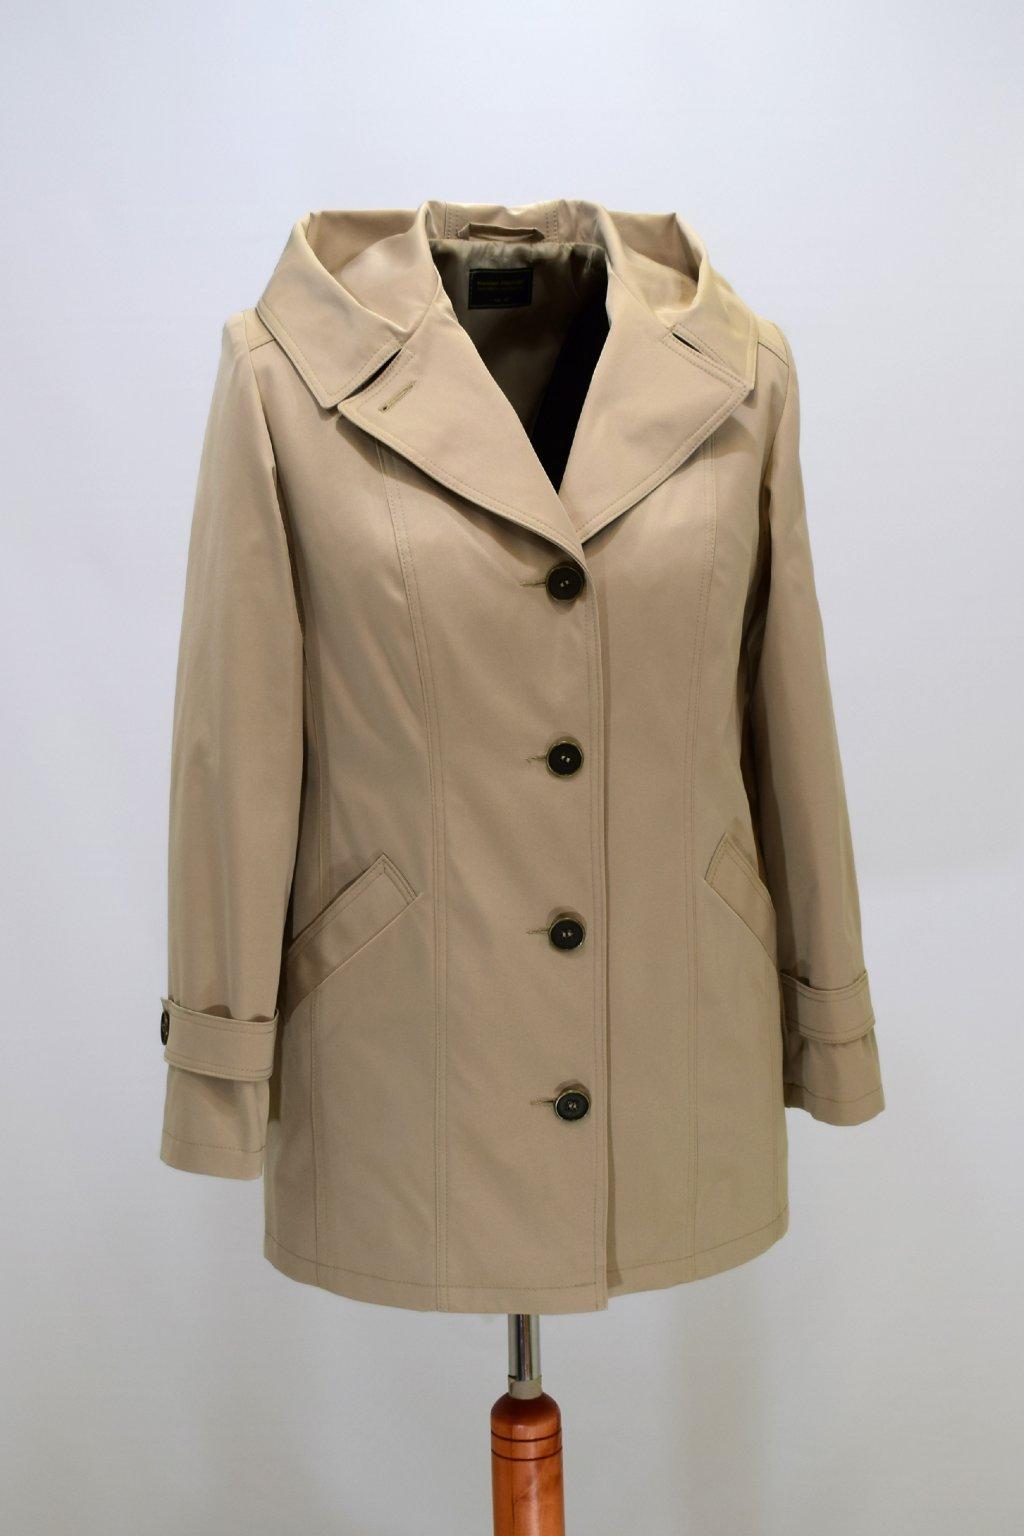 Dámský jarní béžový kabátek Šantal nadměrné velikosti.